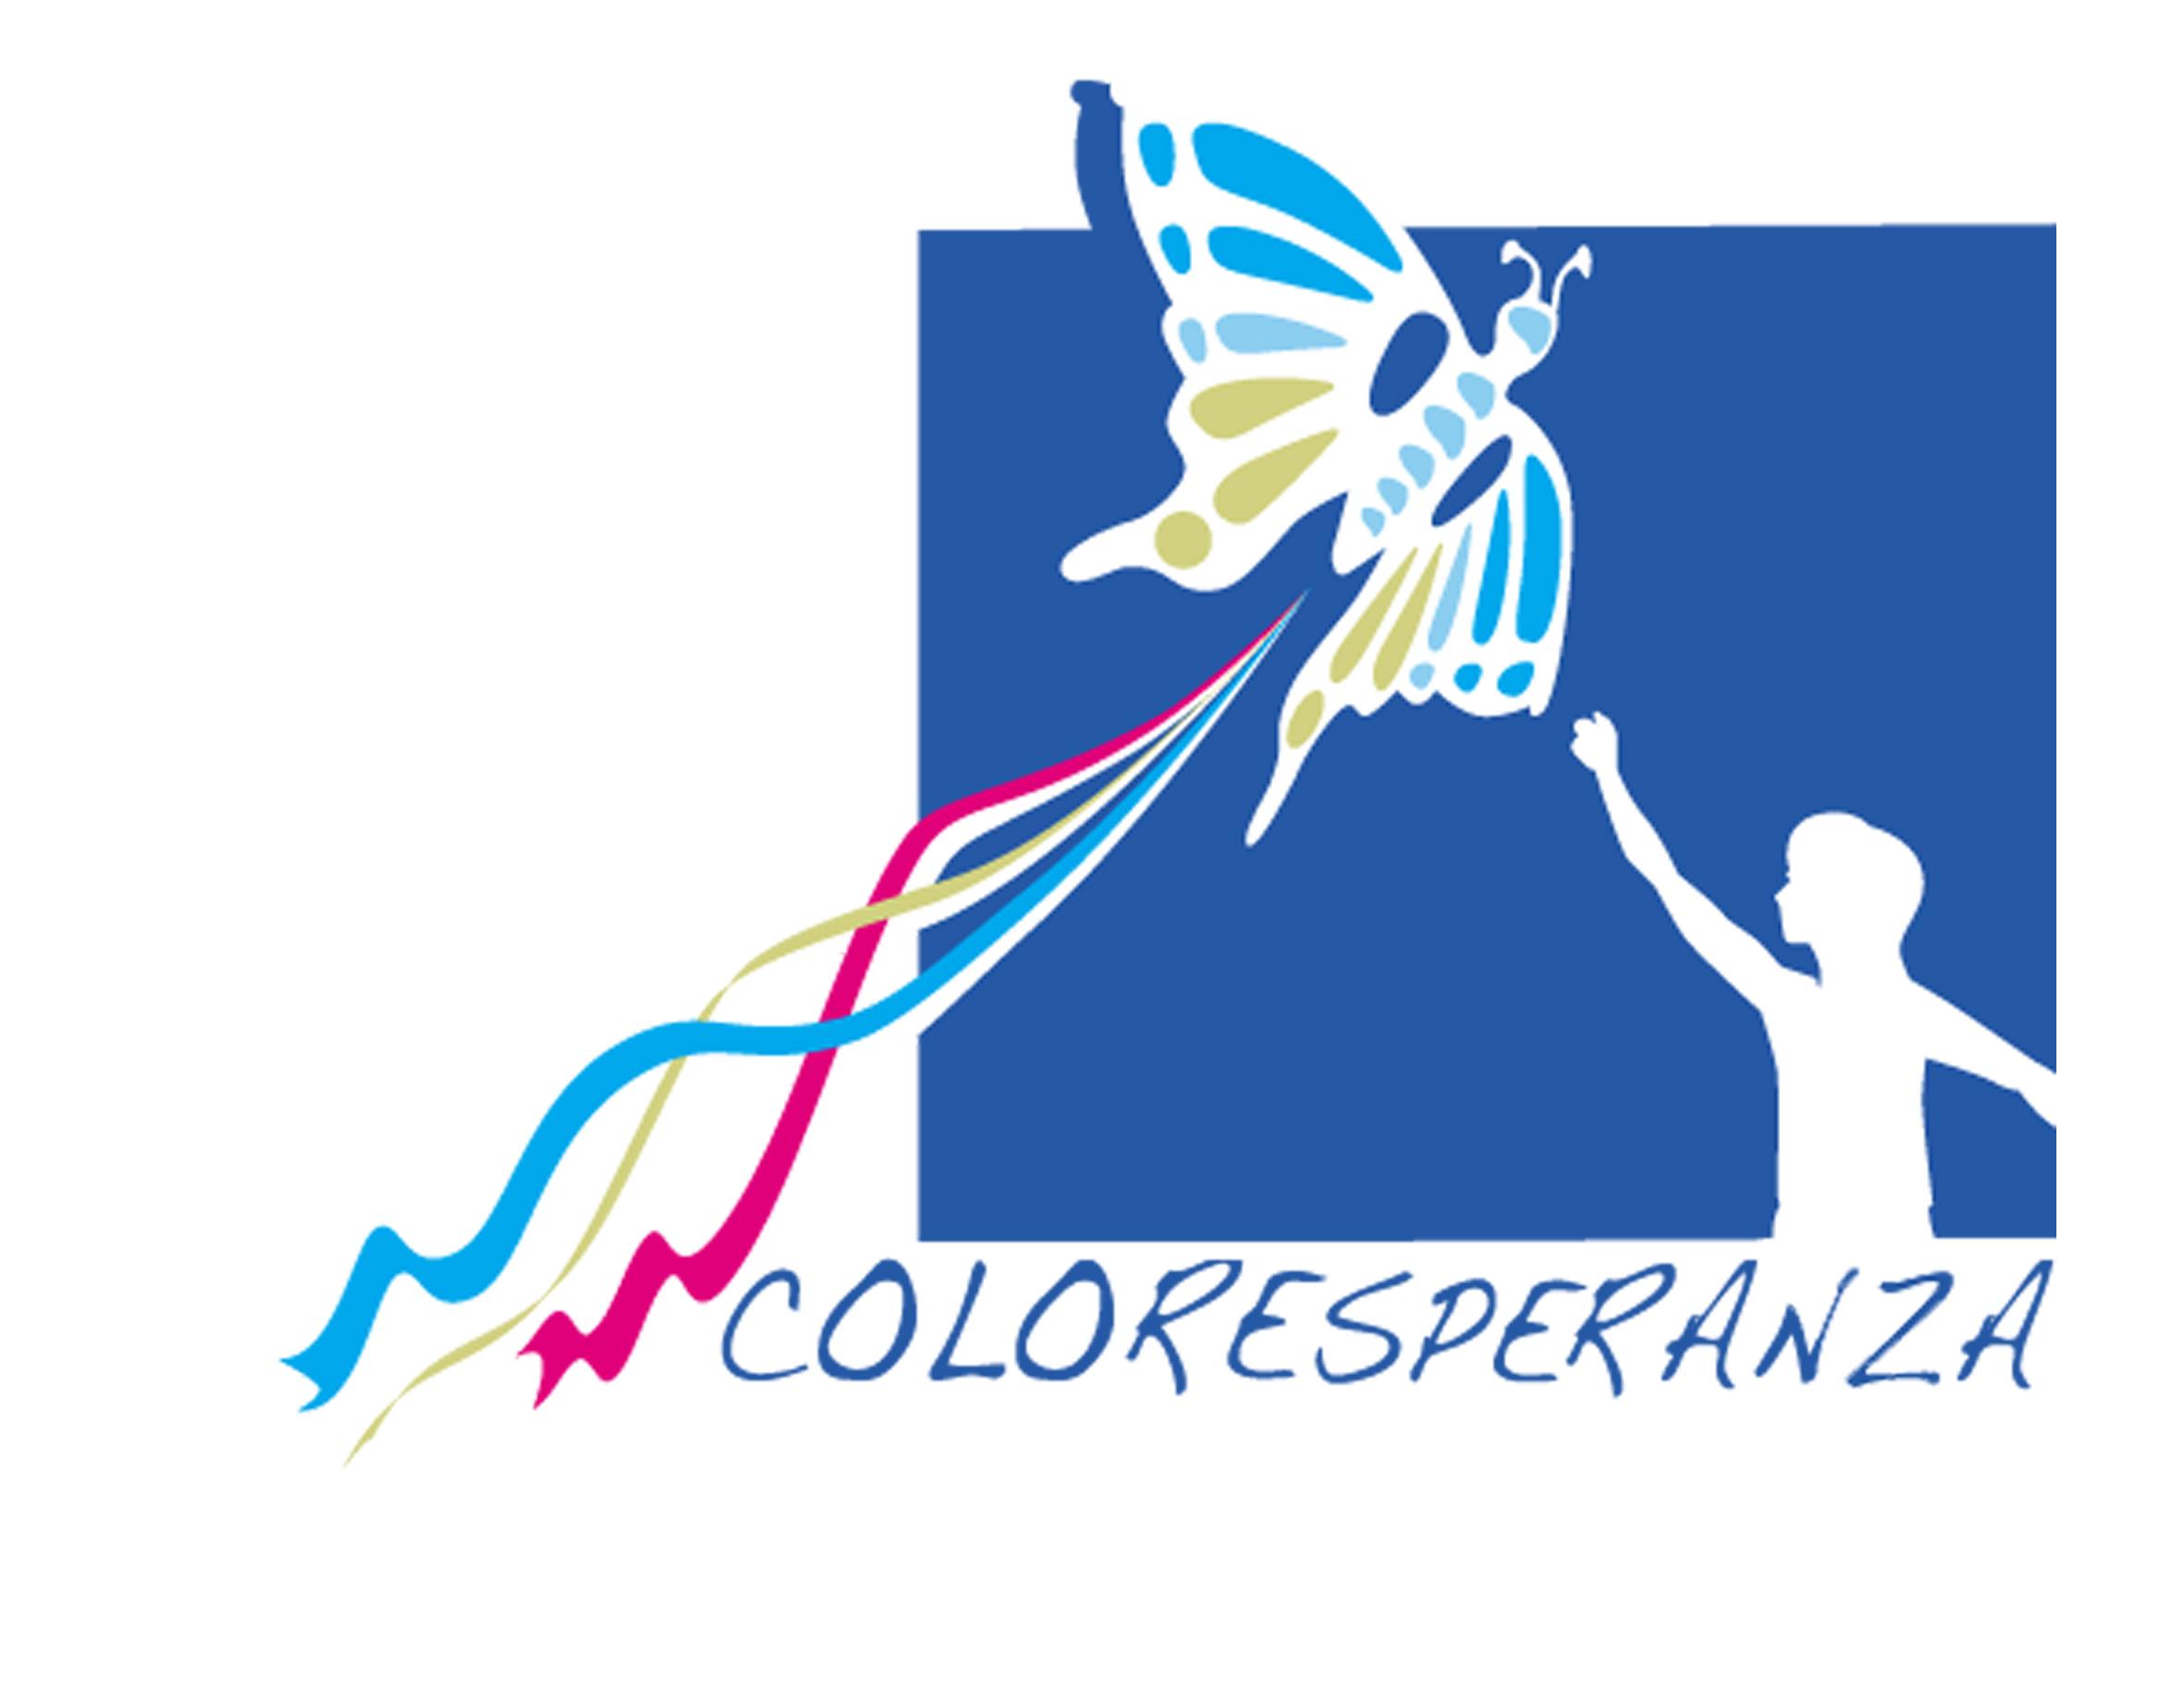 Coloresperanza